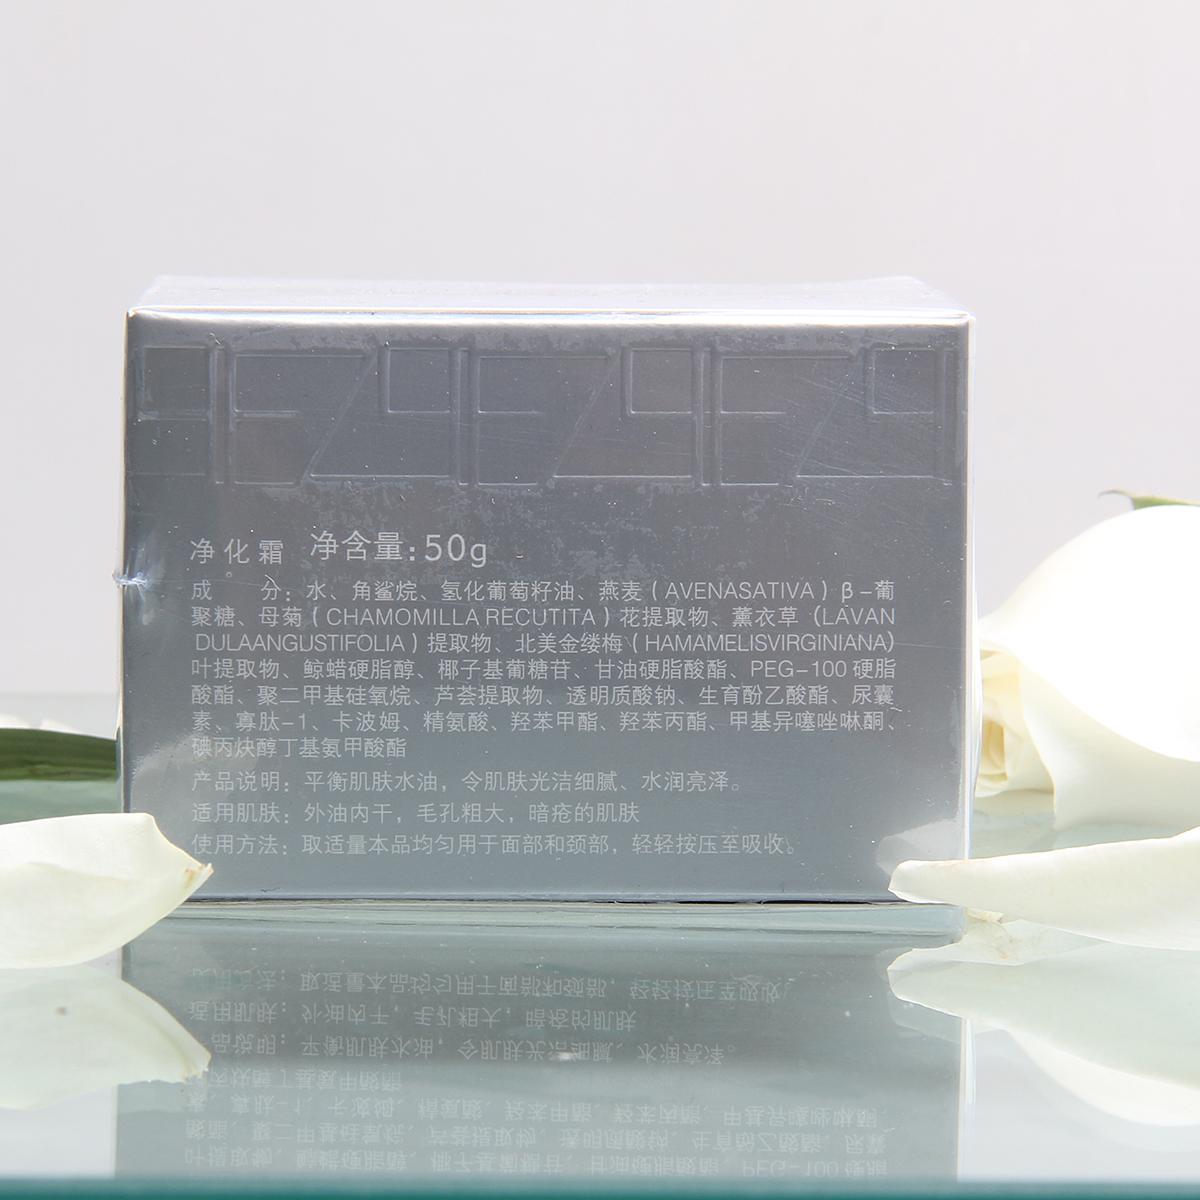 光洁细腻 调节水油平衡 50g 净化霜 CT 美容院专柜正品雅梵哲化妆品